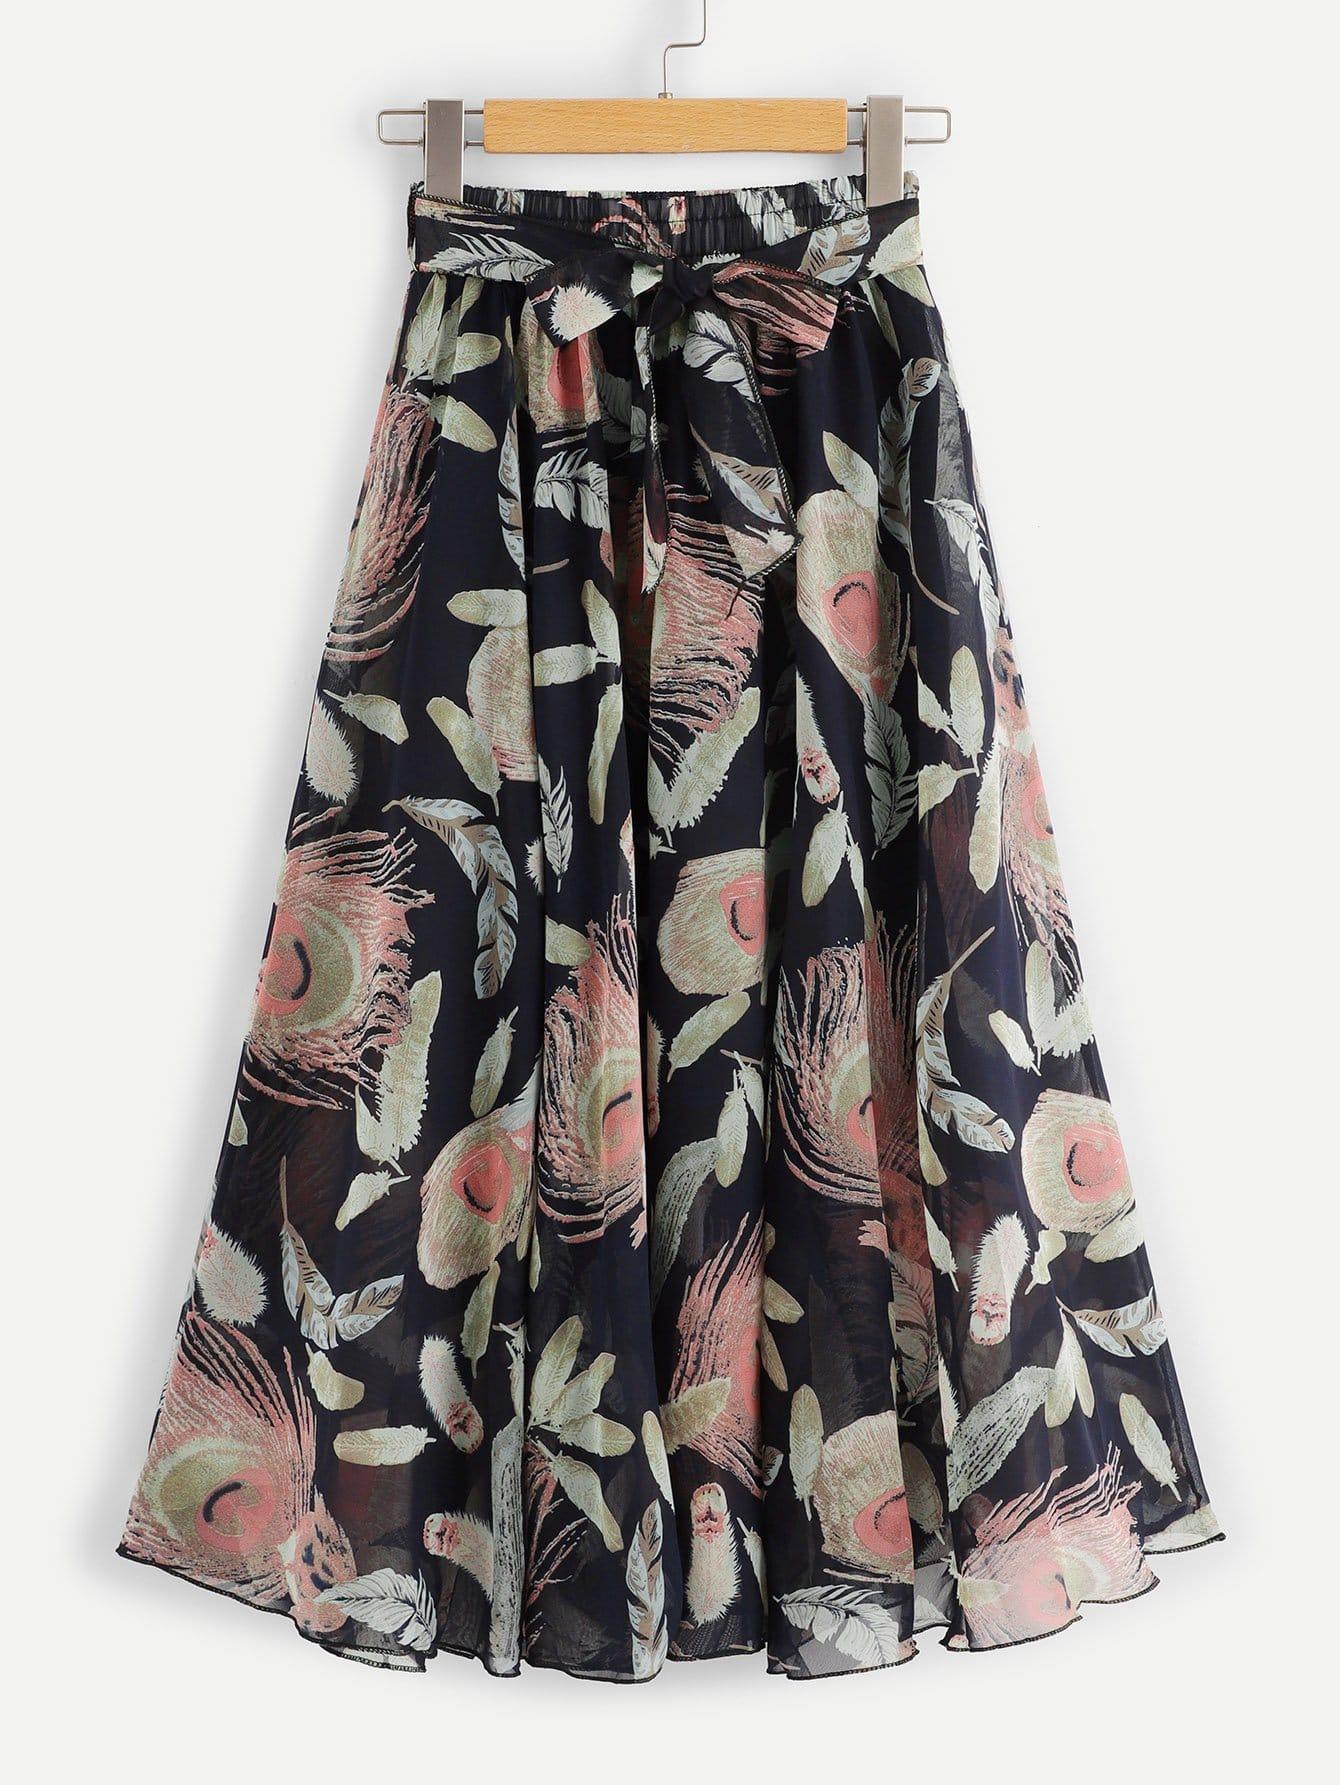 Купить Ситцевая юбка шифона с поясом, null, SheIn